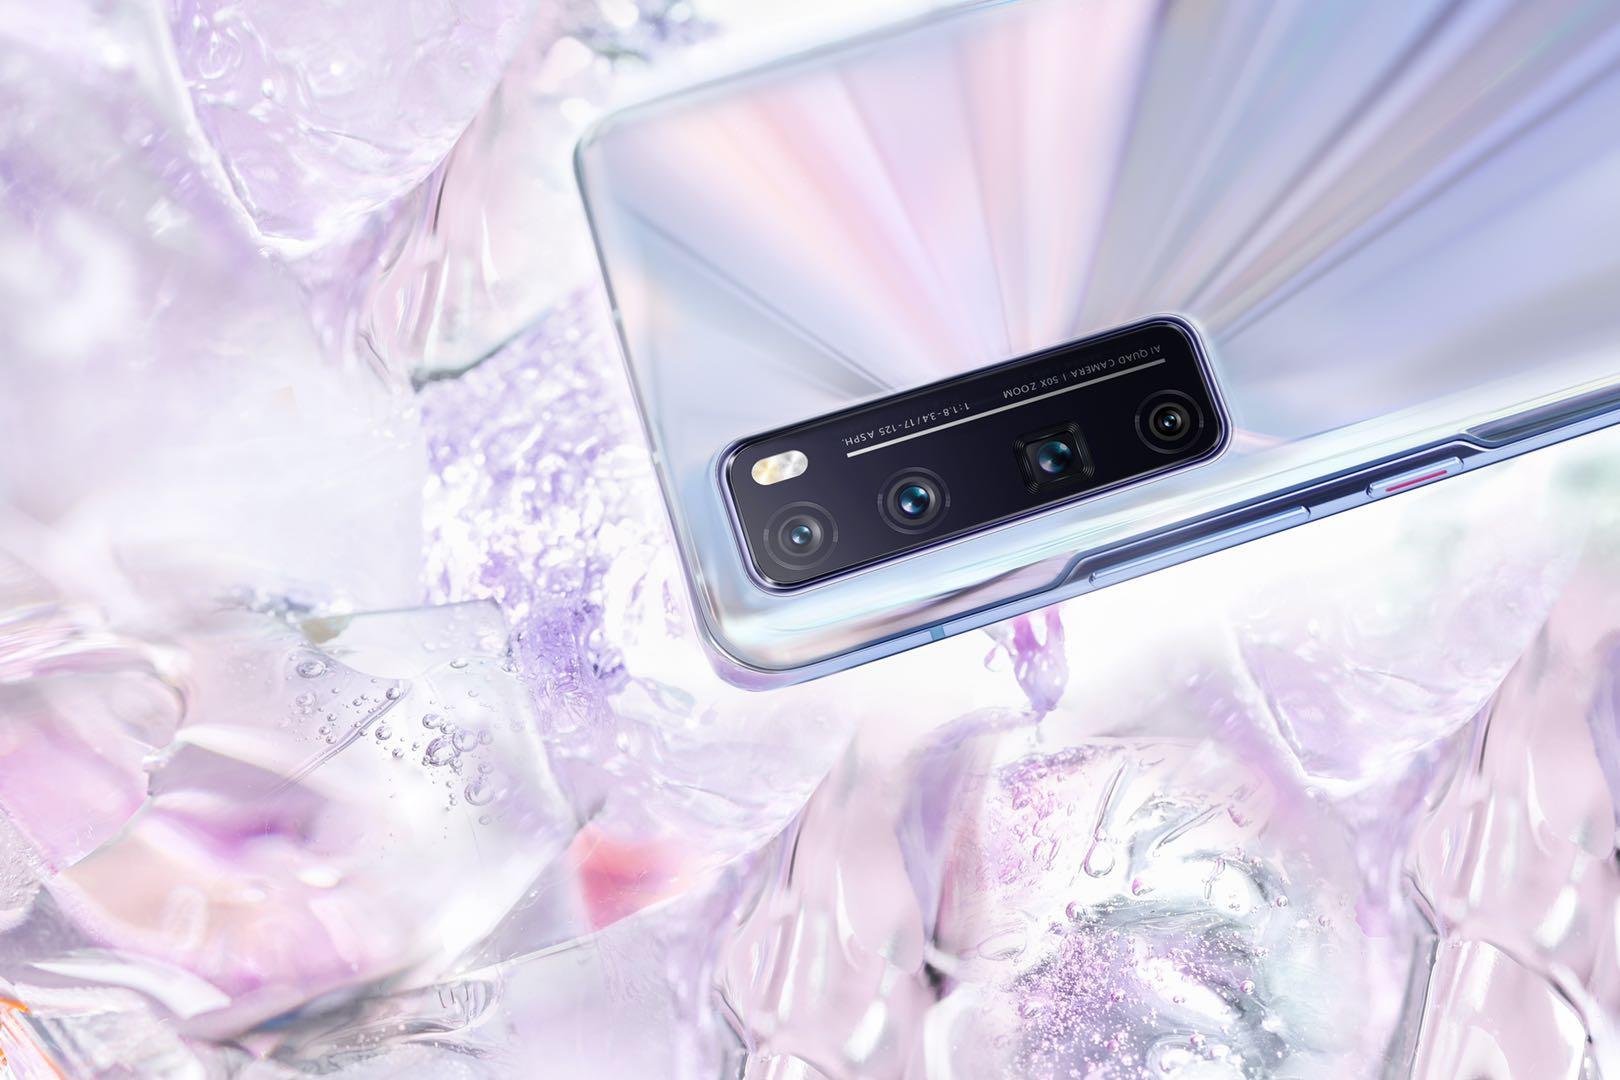 售价 2999 元起 5G 自拍视频旗舰华为 nova7 系列正式发布